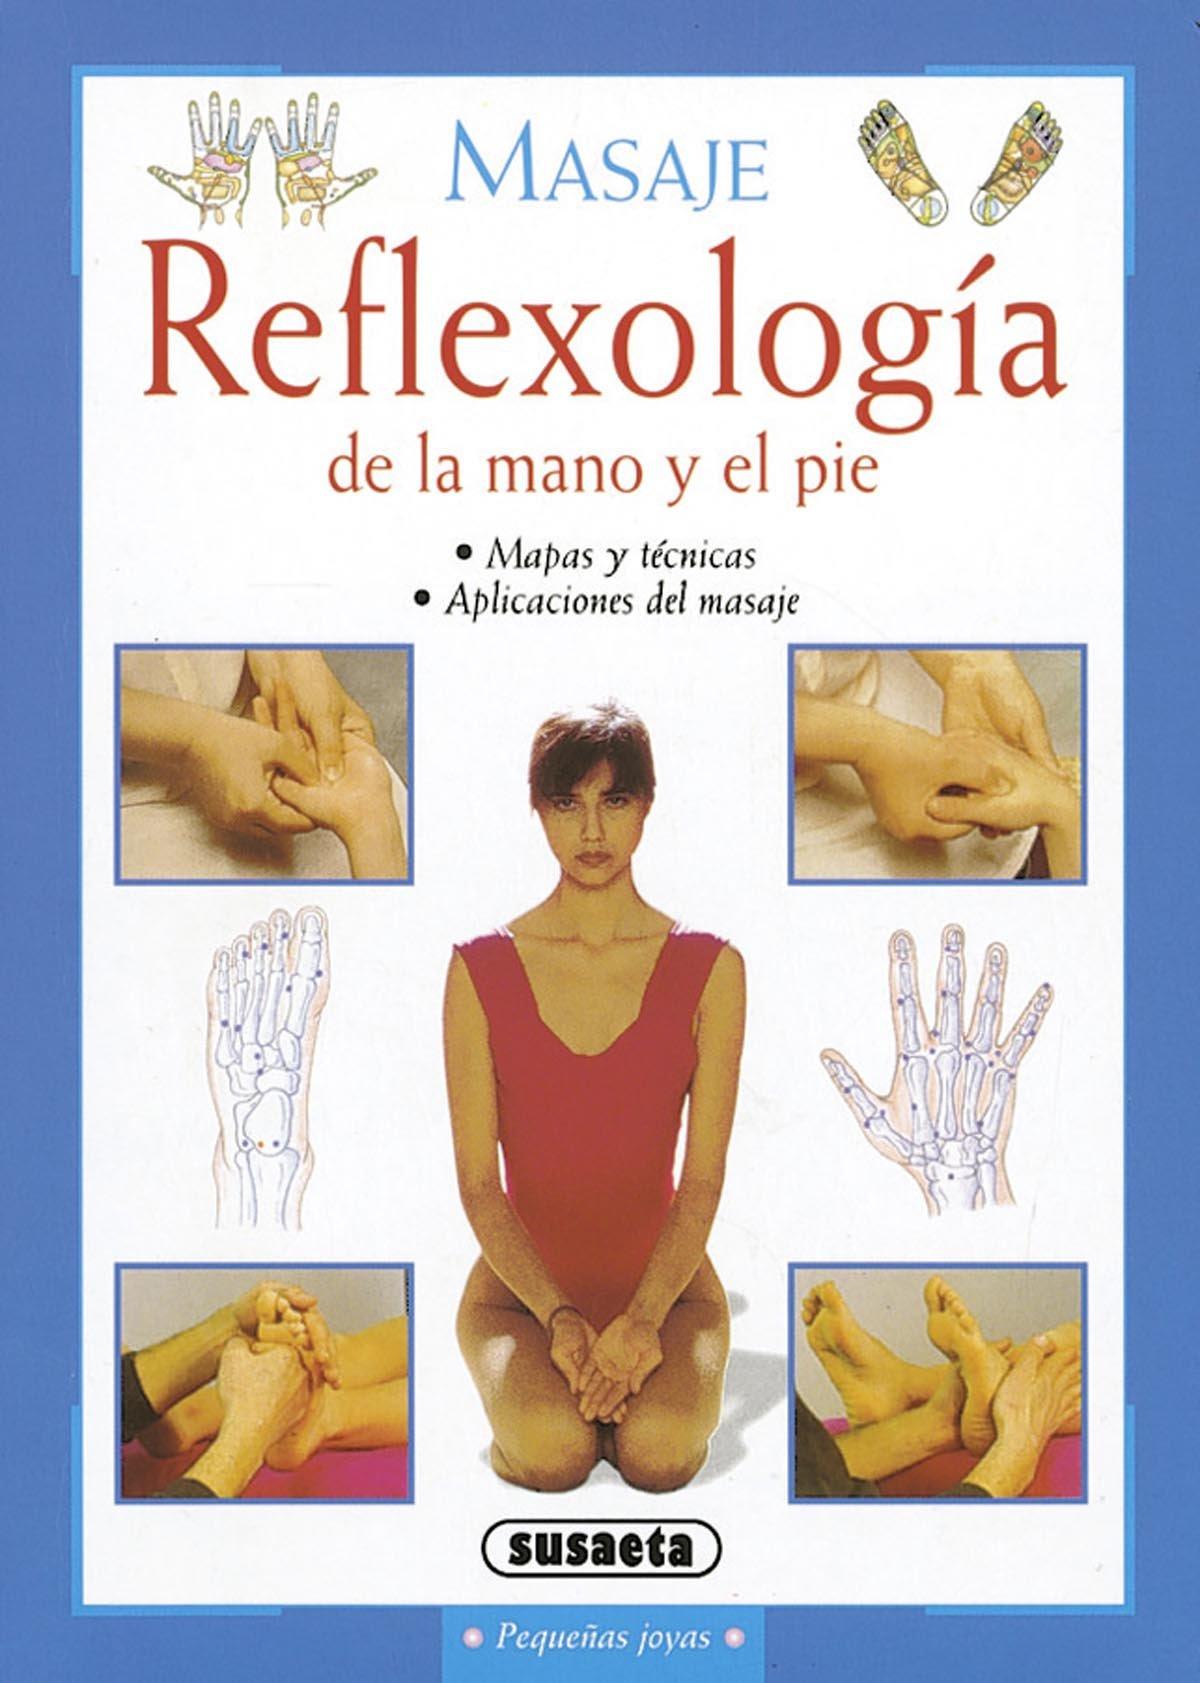 Reflexología de la mano y el pie (Pequeñas Joyas) Tapa blanda – 15 oct 2002 Equipo Susaeta 8430553614 Masajes Home & house maintenance